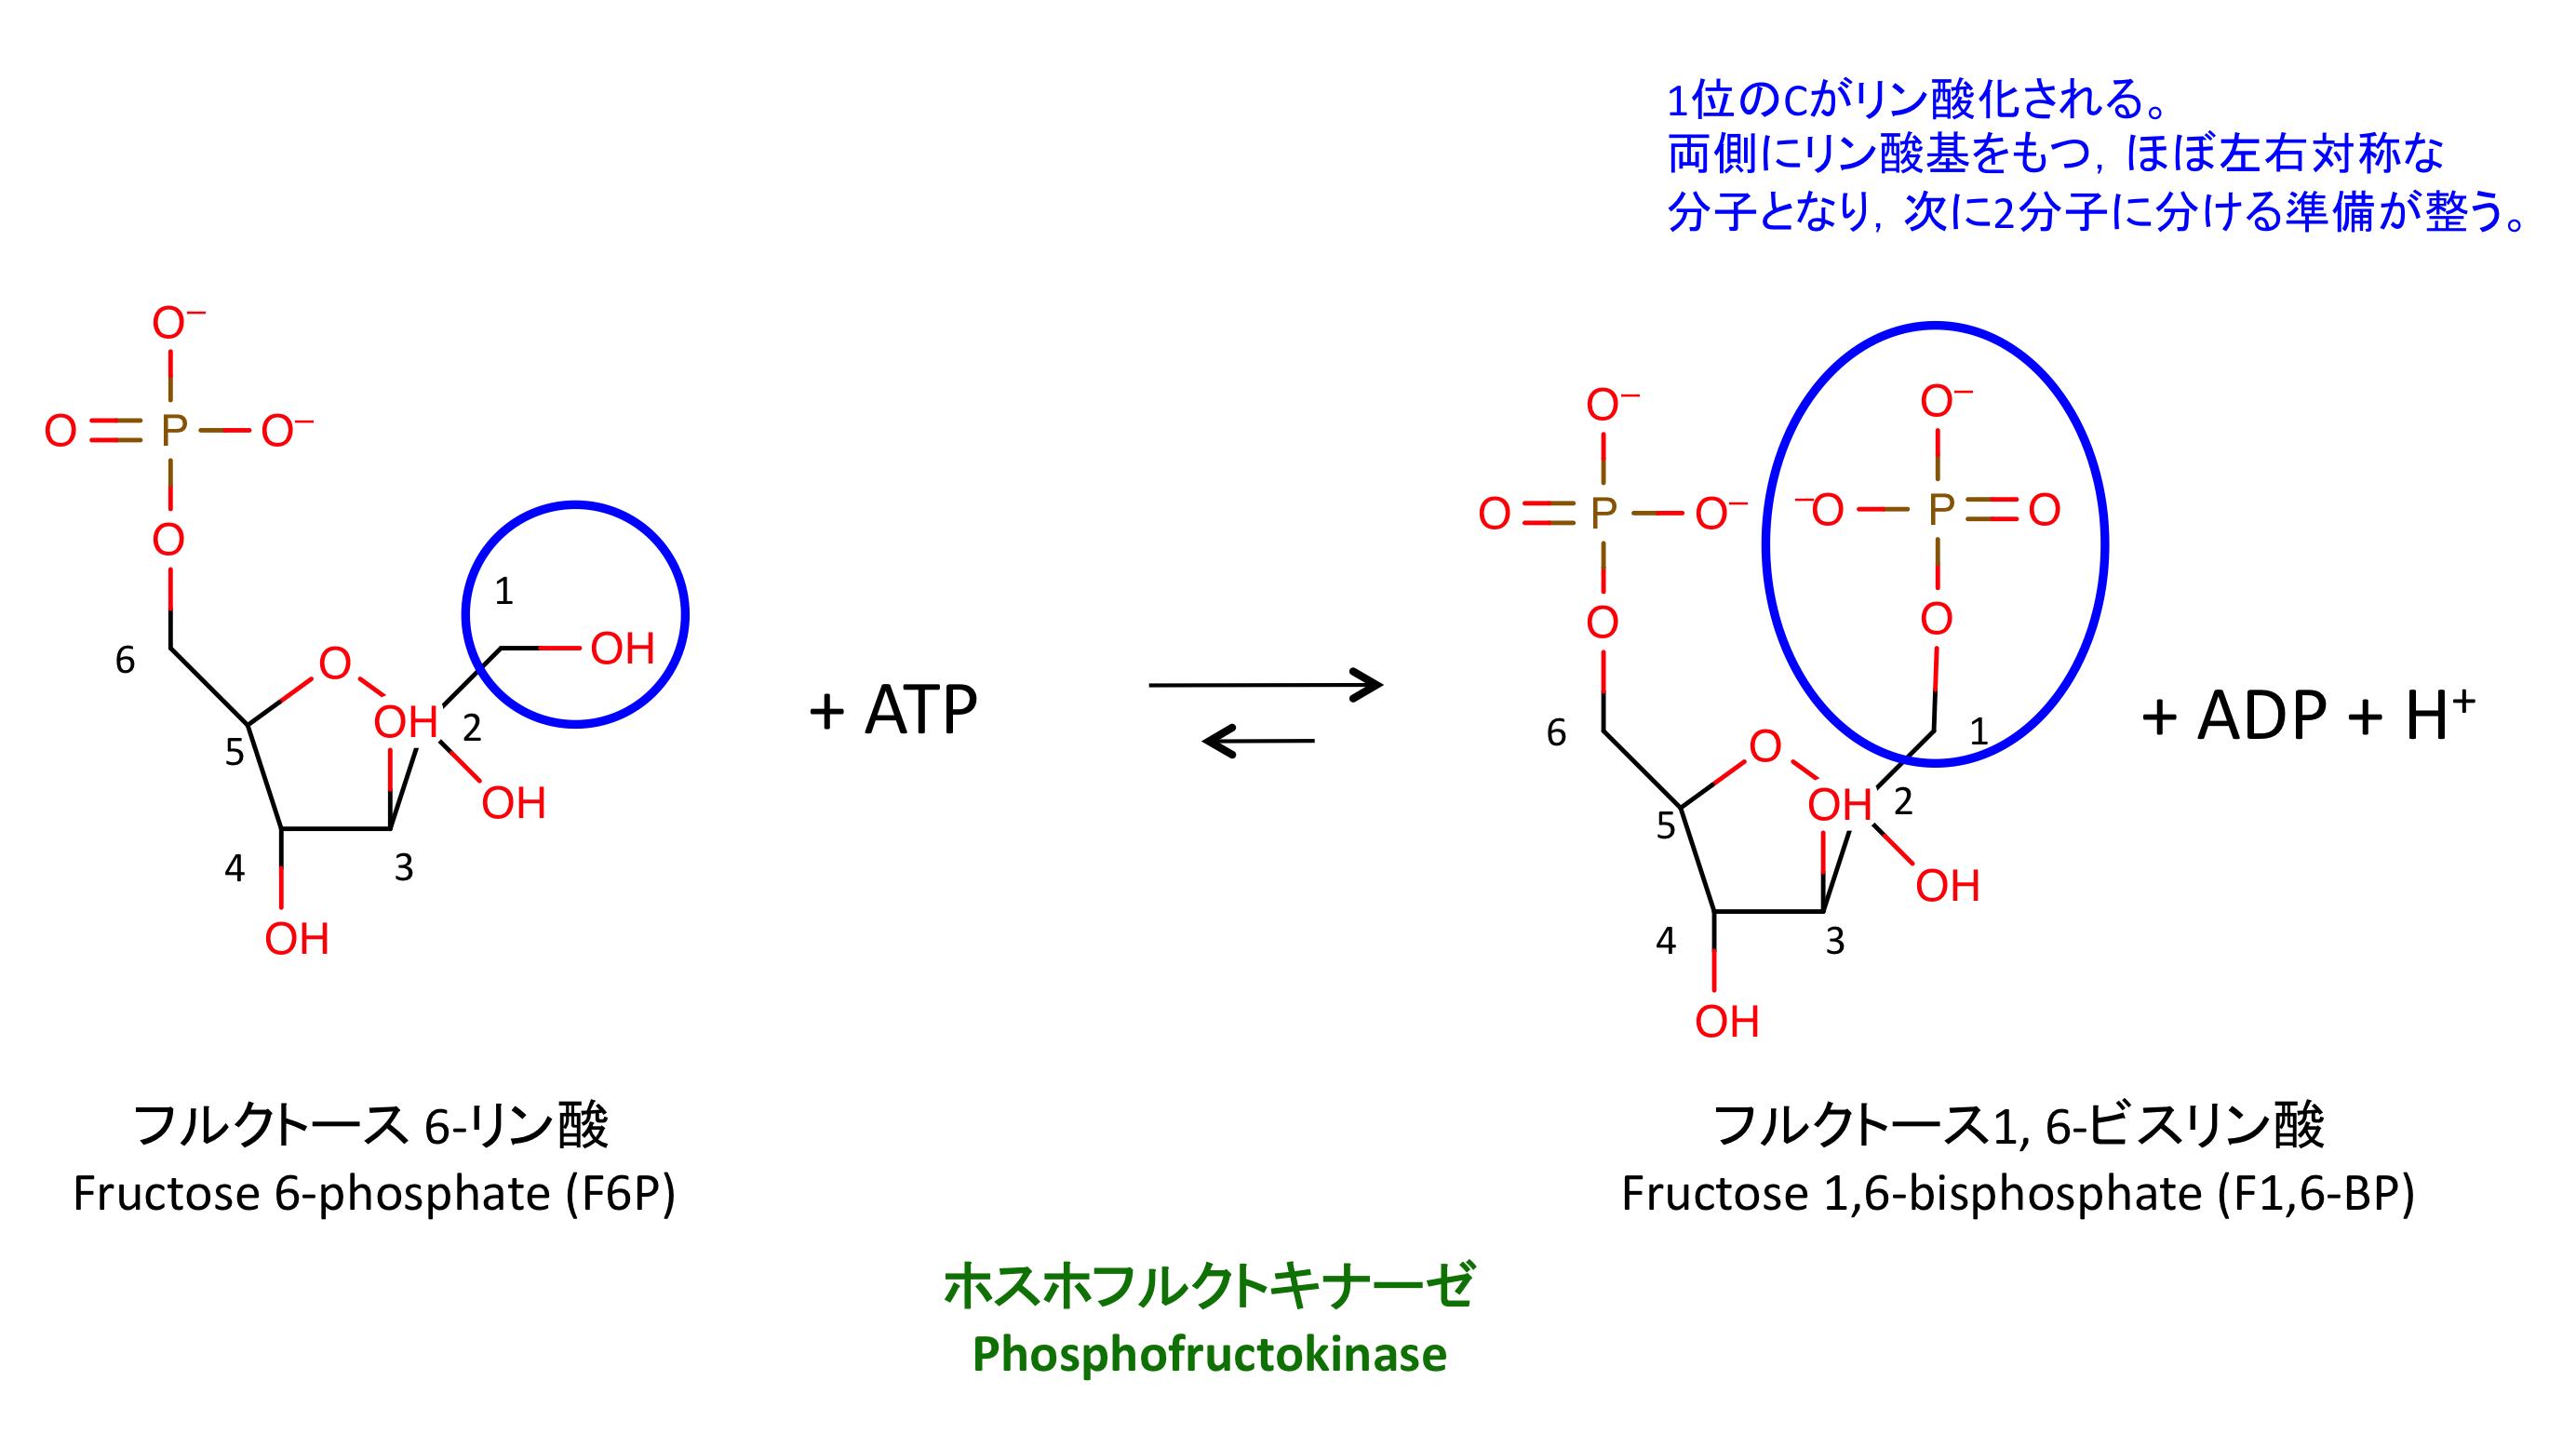 解糖系: 1 分子のグルコースを 2...